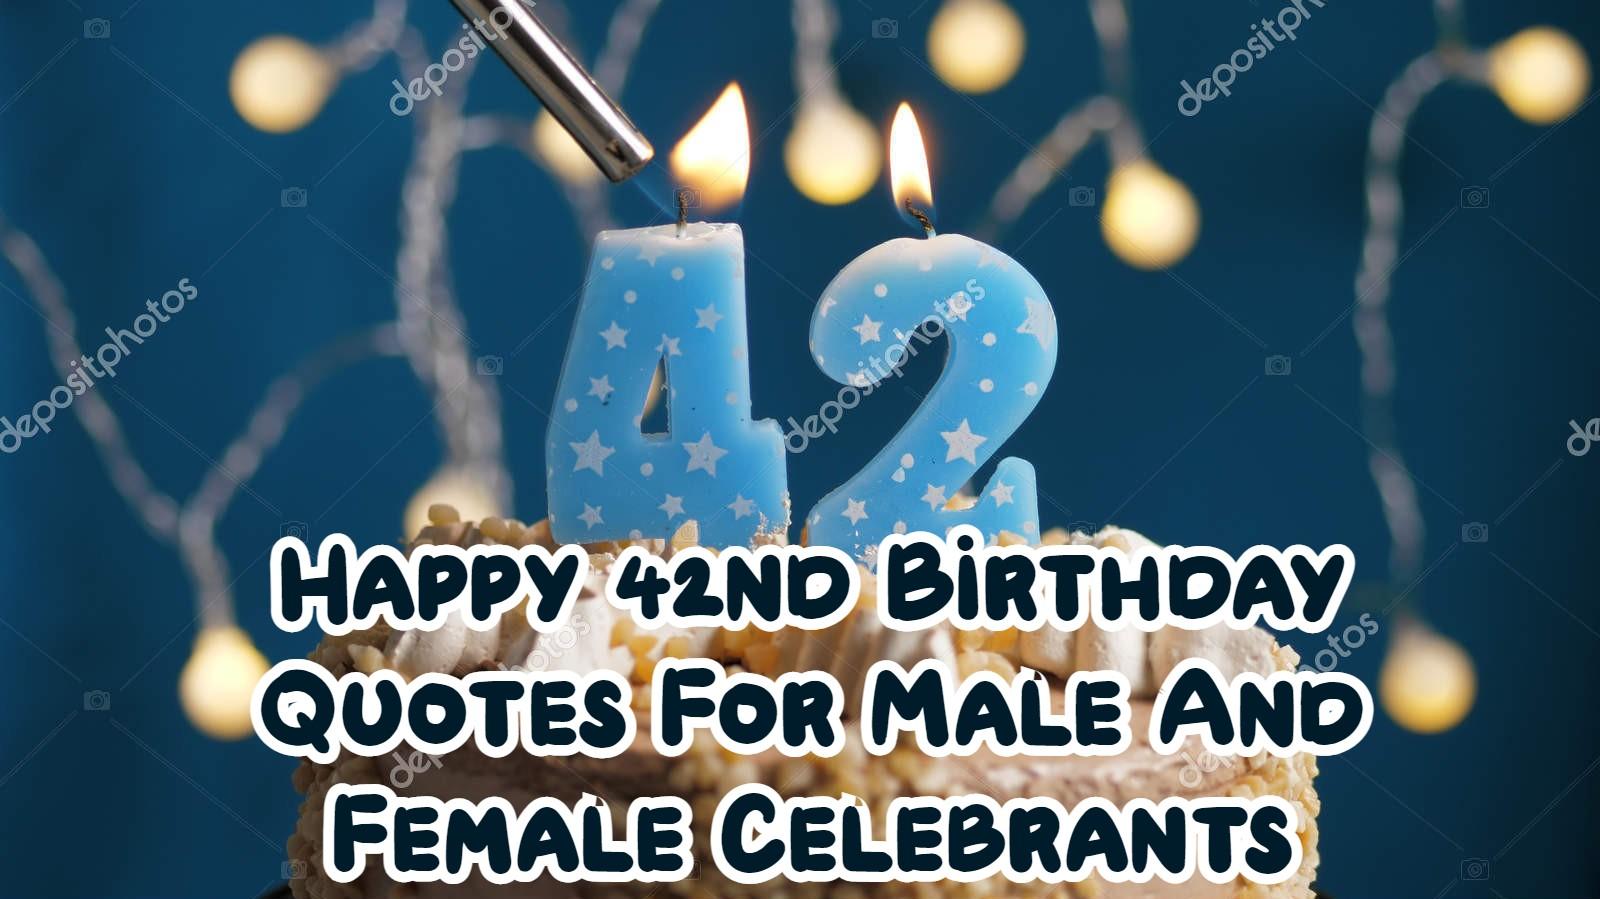 Happy 42nd Birthday